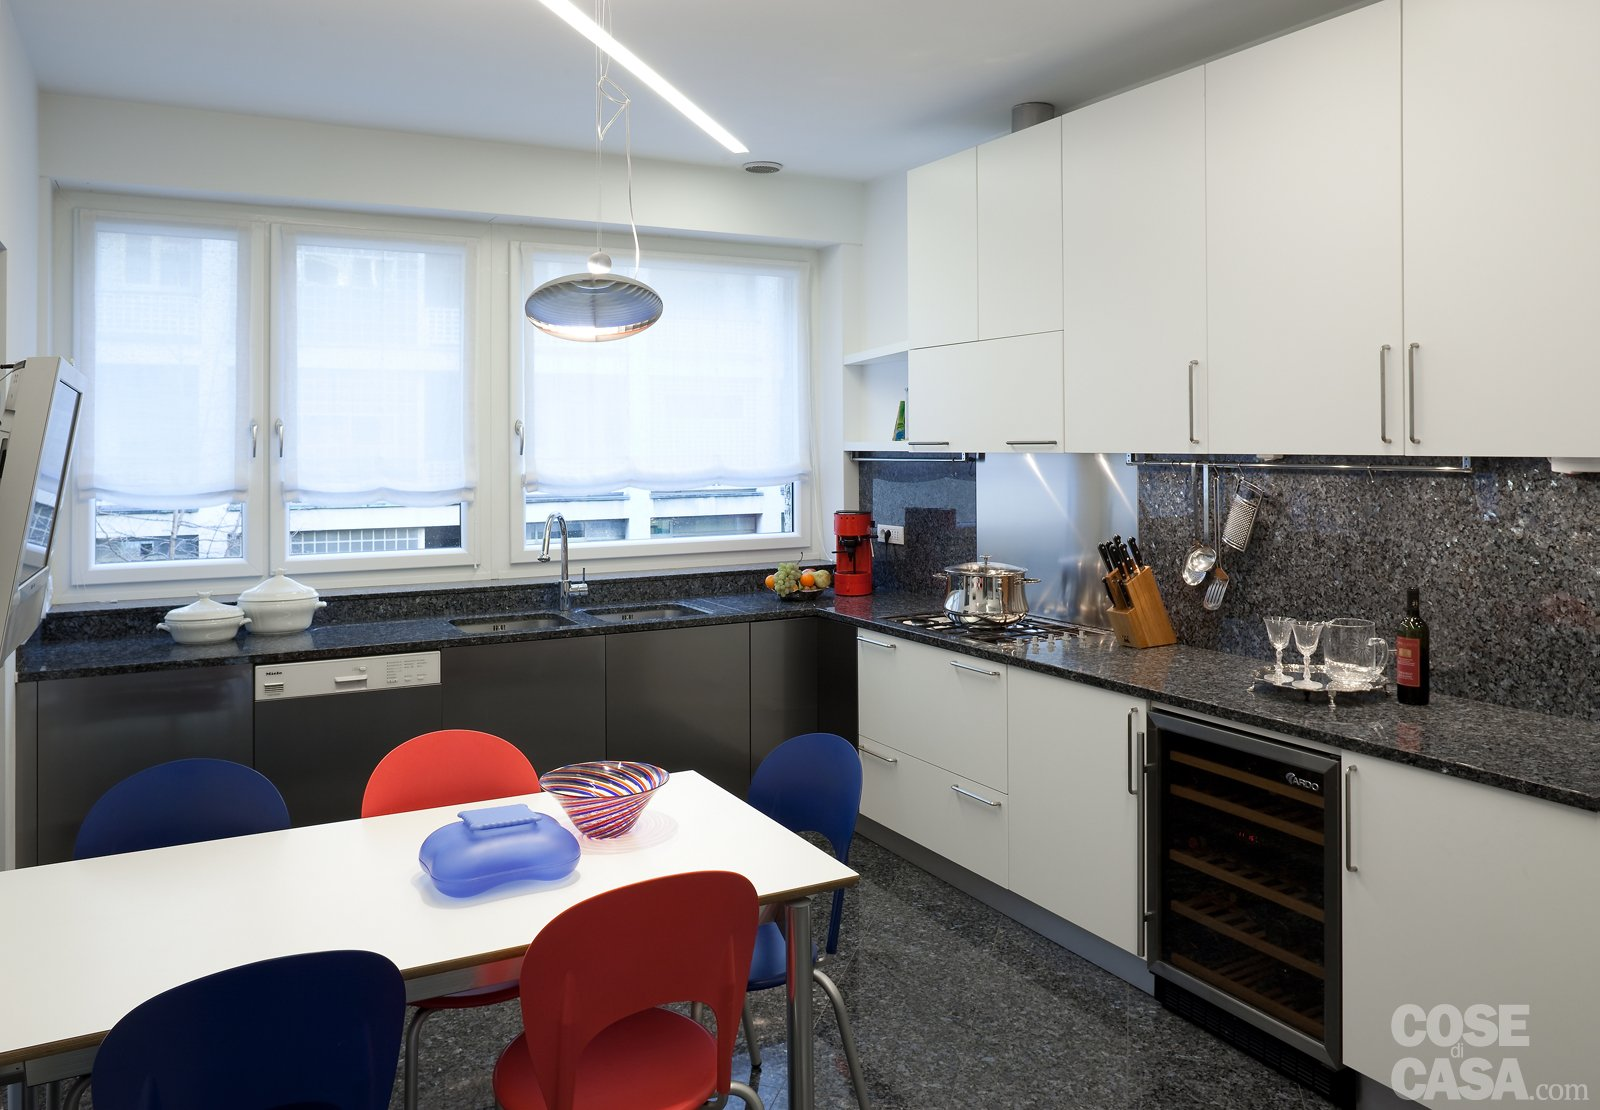 Pin Cucina Ad Angolo Cucine Moderne Come Ottimizzare Lo Spazio Con La  #662924 1600 1110 Cucine Moderne Ad Angolo Con Finestra